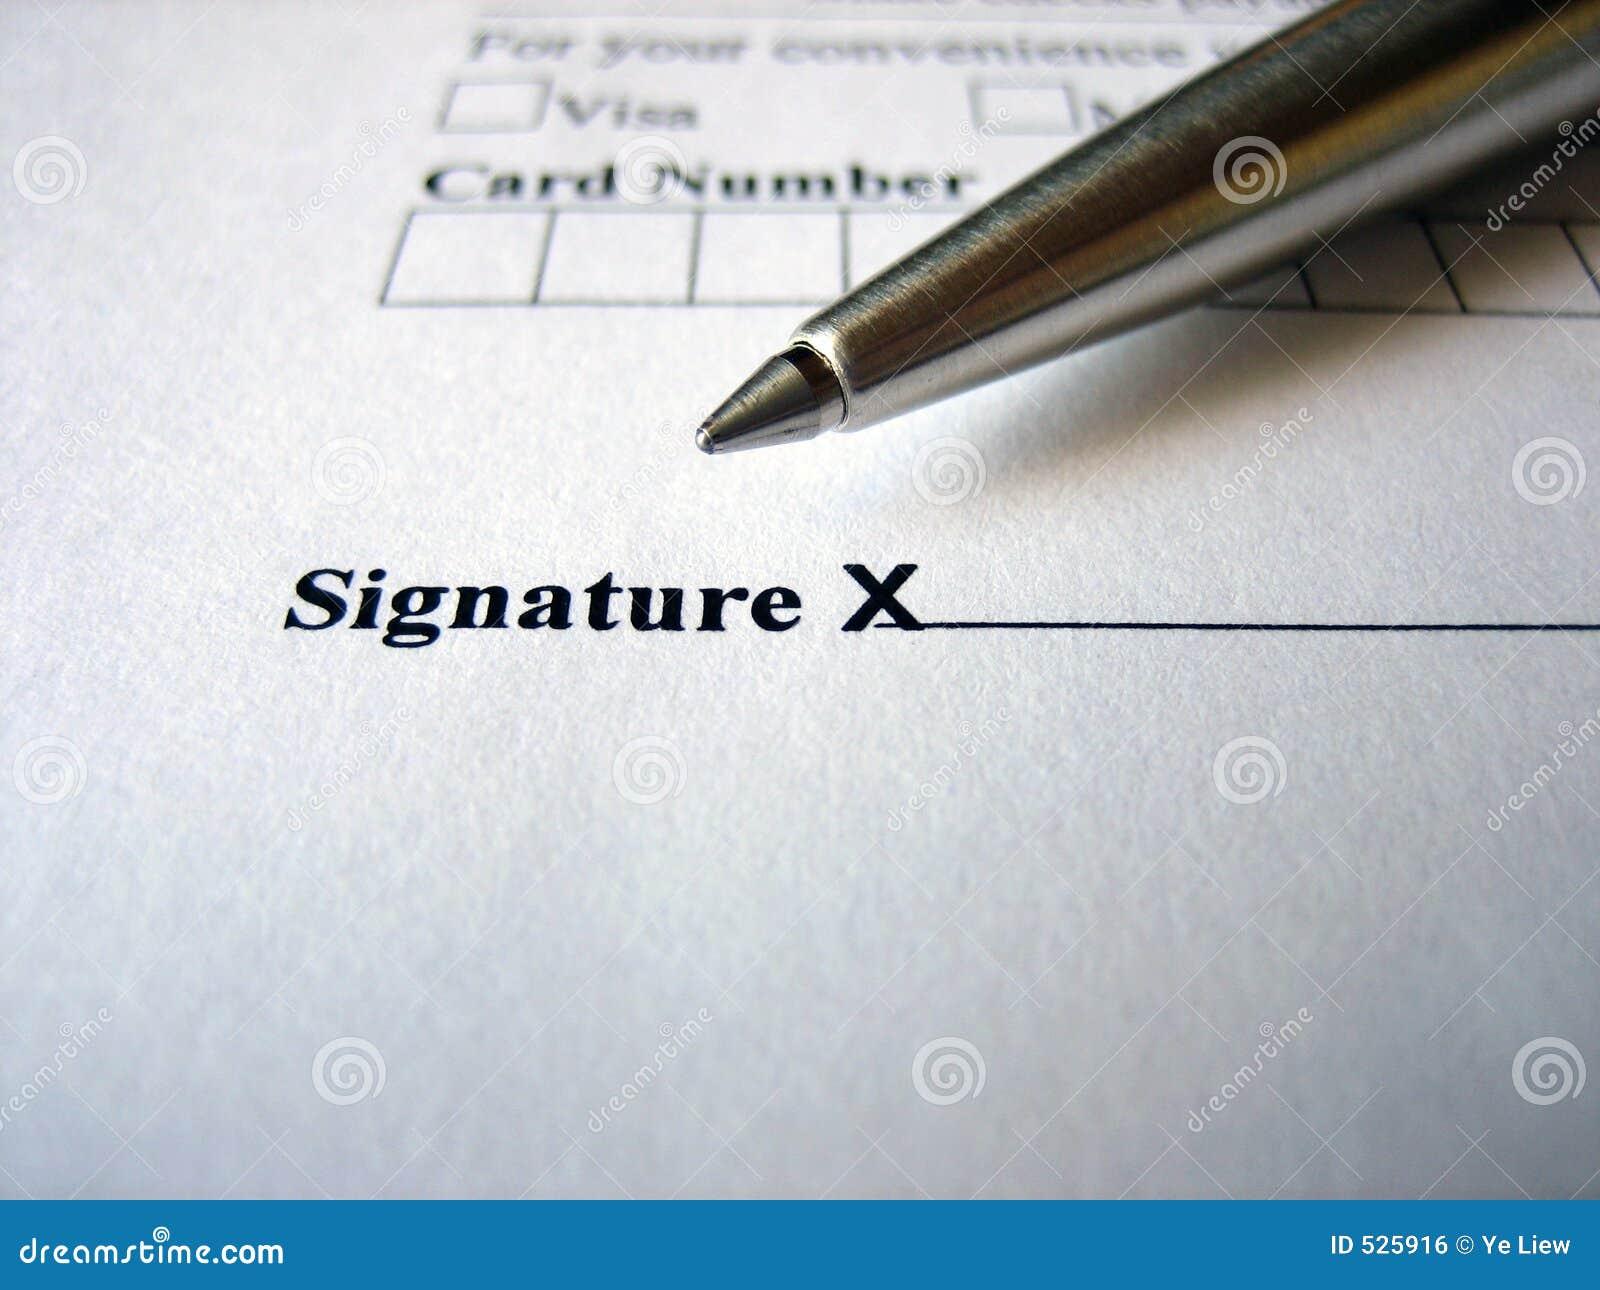 εδώ παρακαλώ υπογράψτε